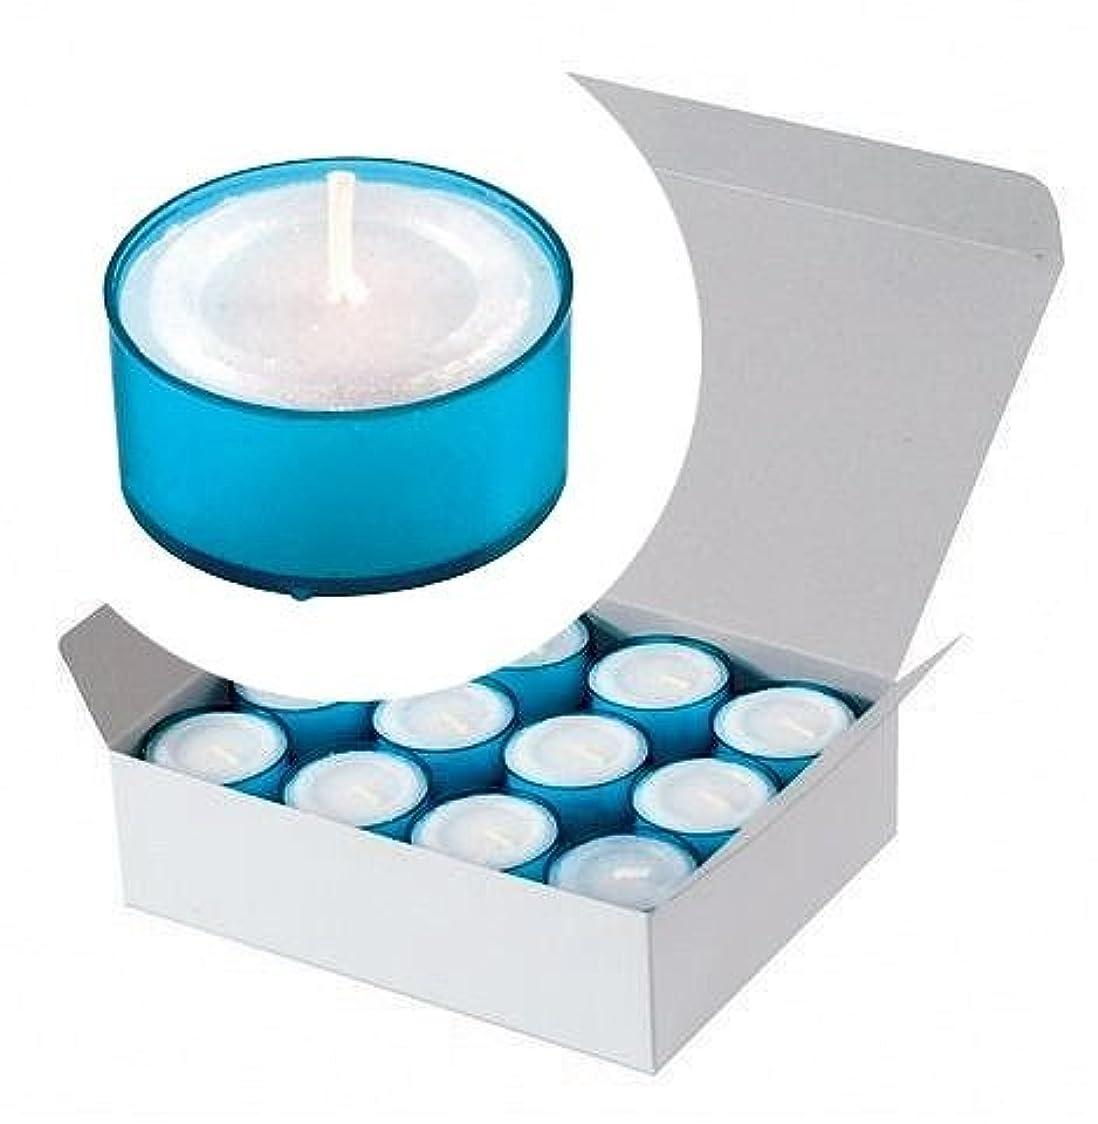 凶暴なデコラティブ責任者カメヤマキャンドル(kameyama candle) カラークリアカップティーライト24個入り 「 ブルー 」